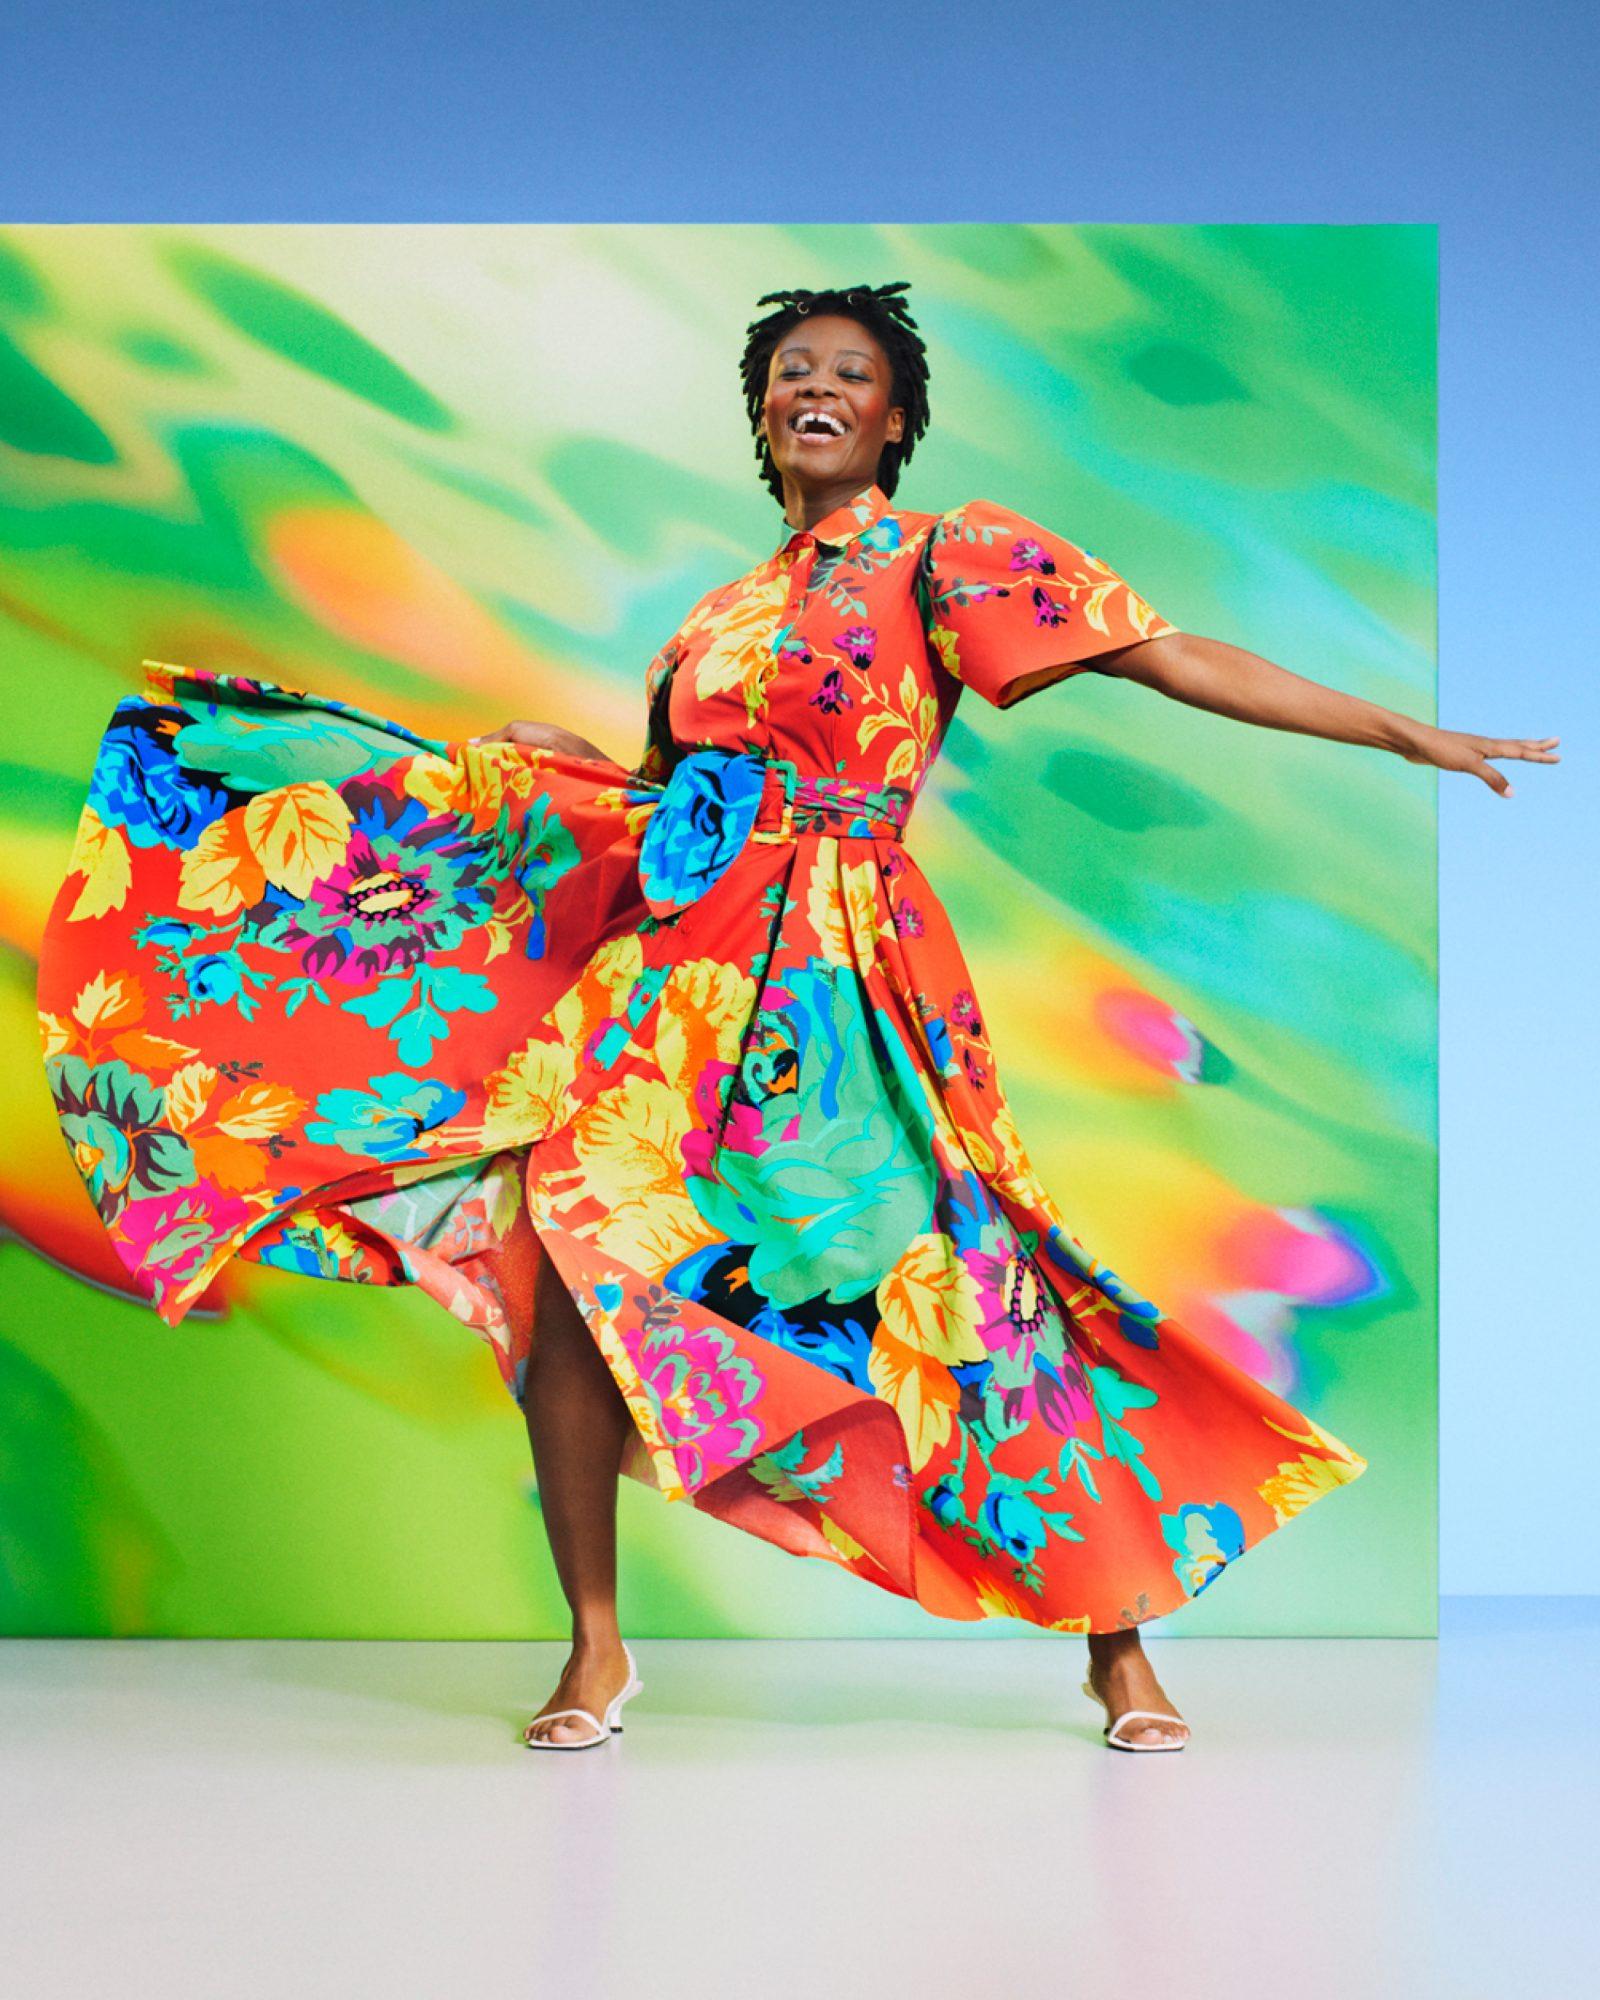 Nueva coleccion de diseñador con Target, coleccion de vestido de target